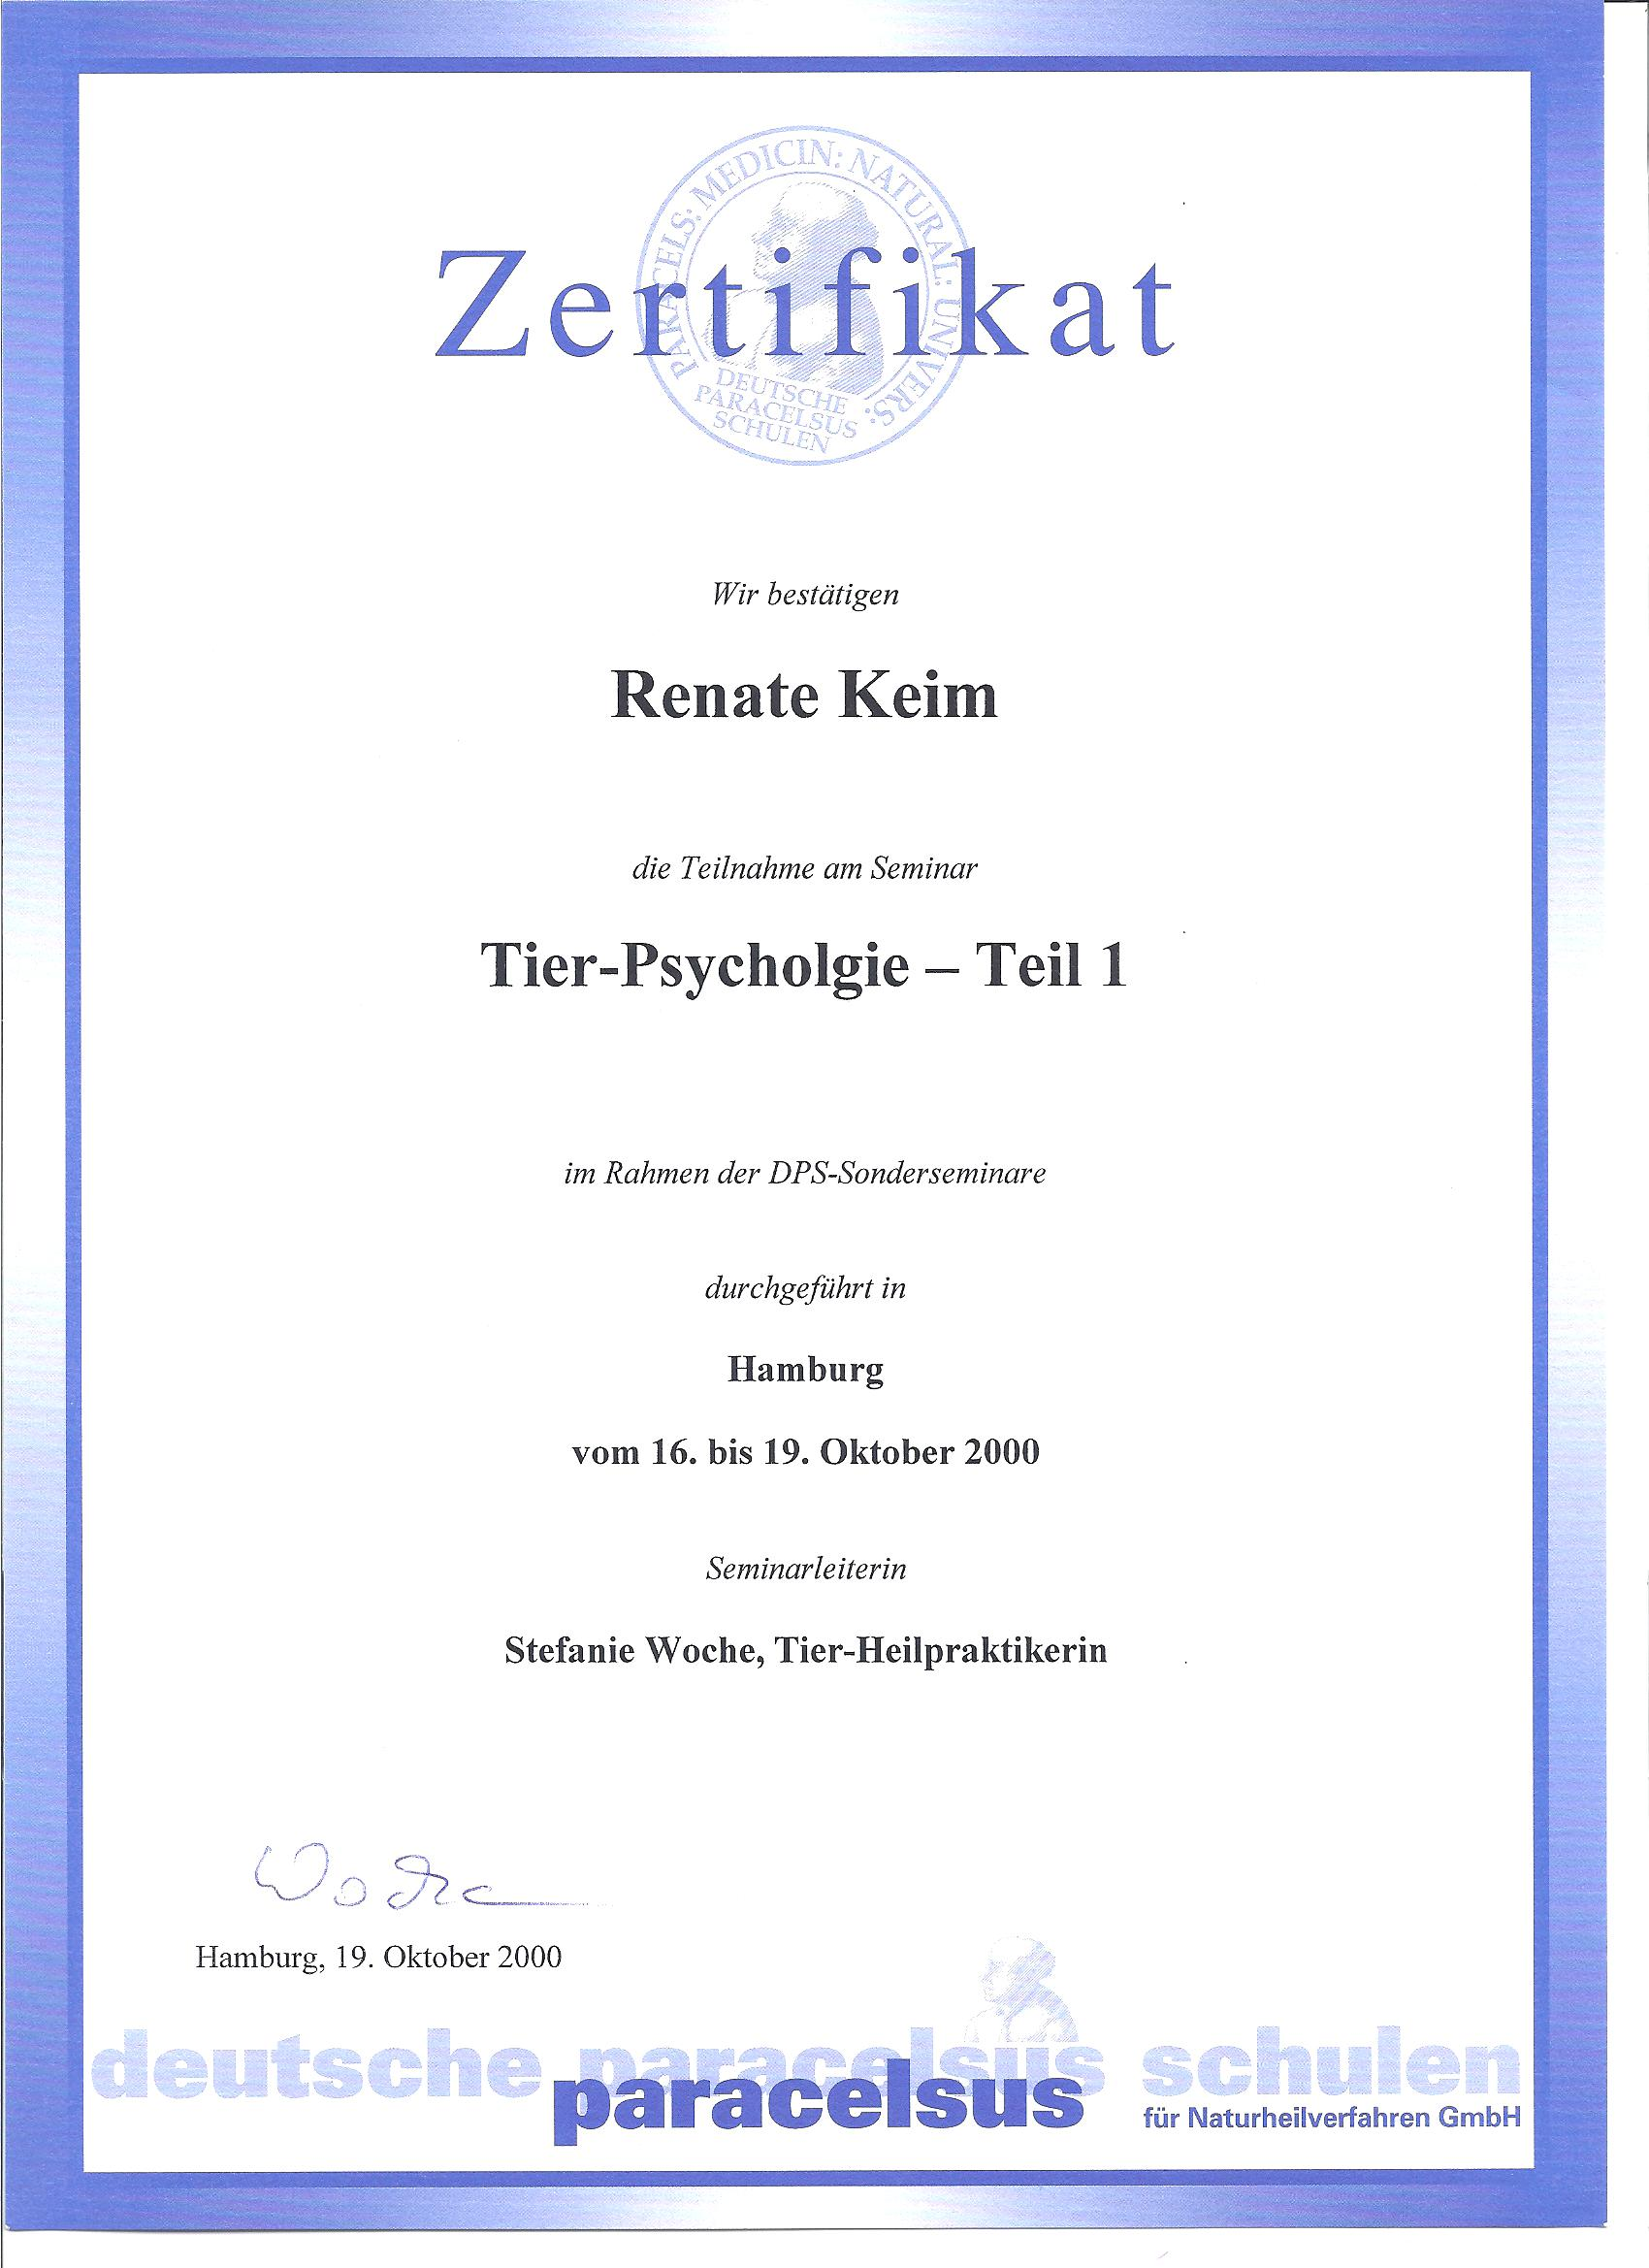 Tier-Psychologie 10/00